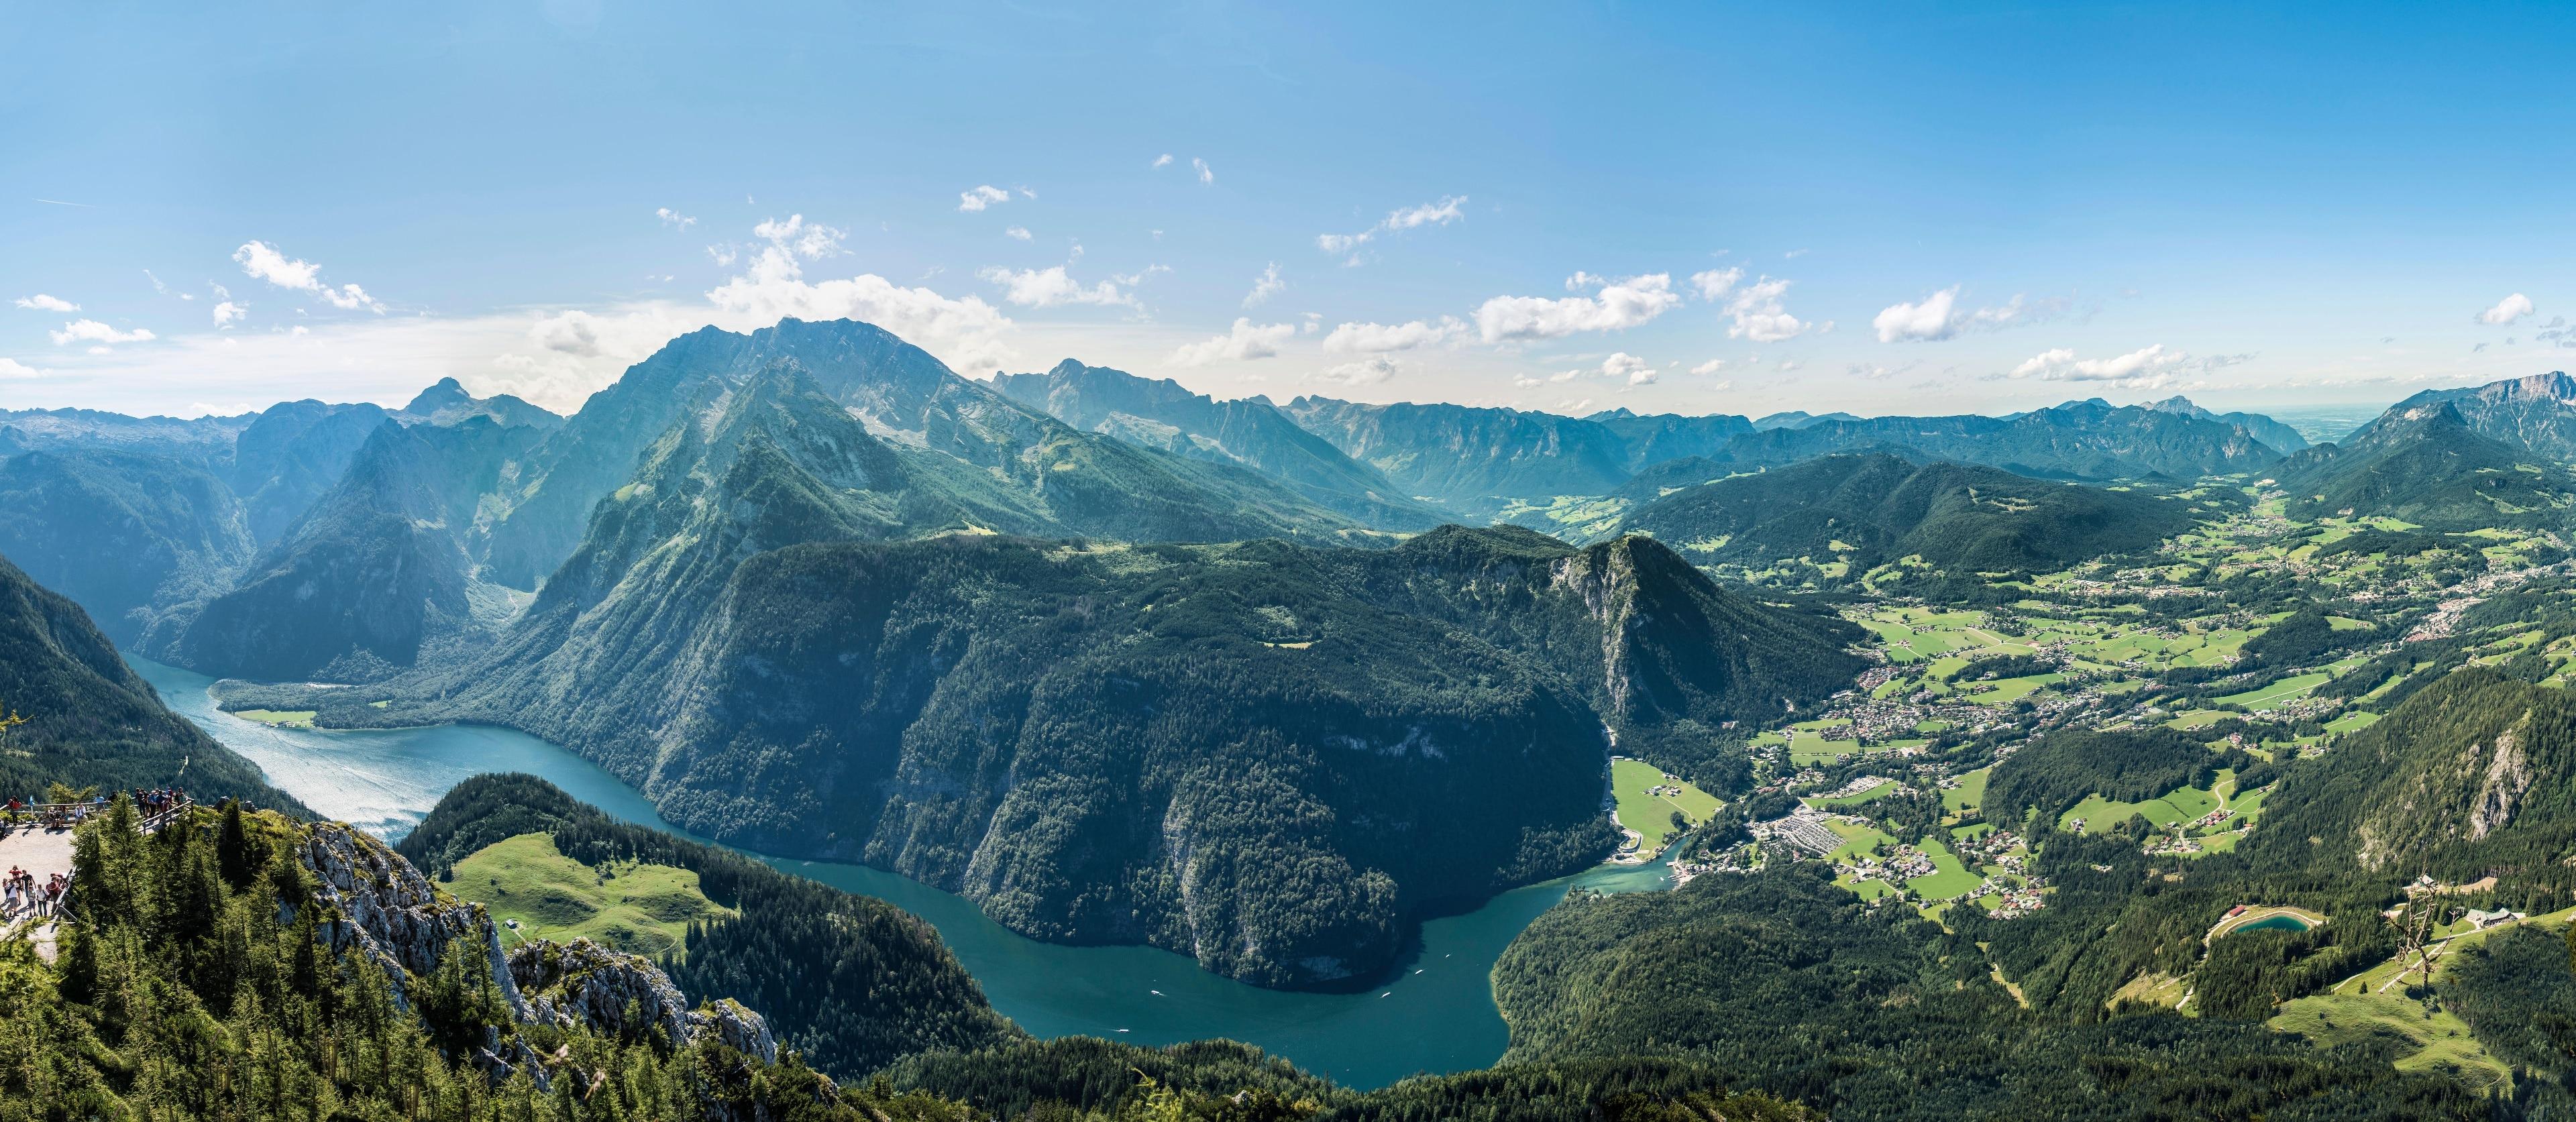 Nationalpark Berchtesgaden, Bayern, Deutschland